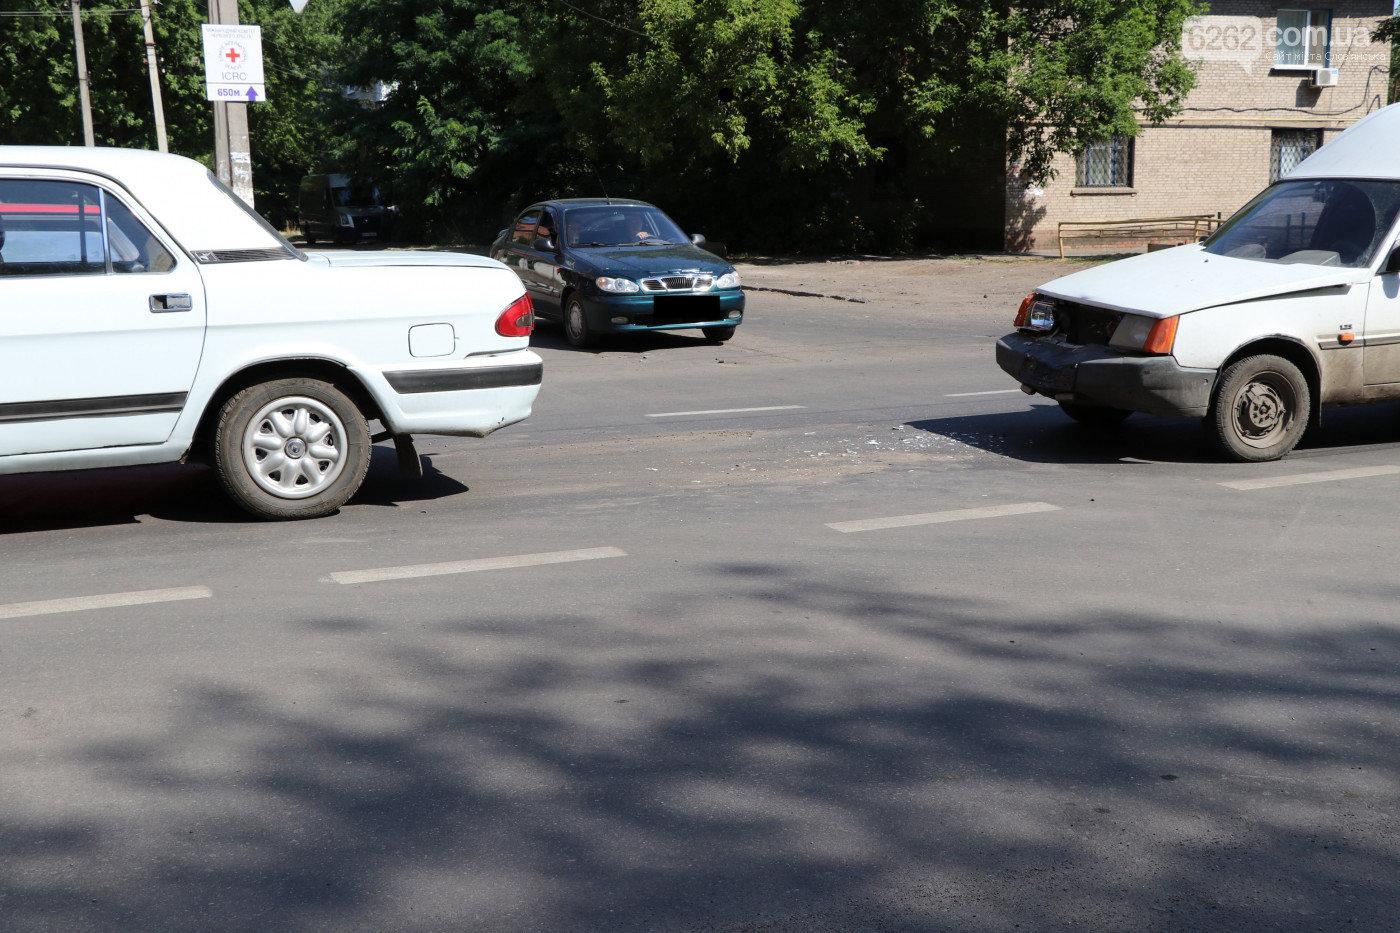 Хабарі, вандали та п'яний водій. Що сталося у Слов'янську протягом тижня, фото-3